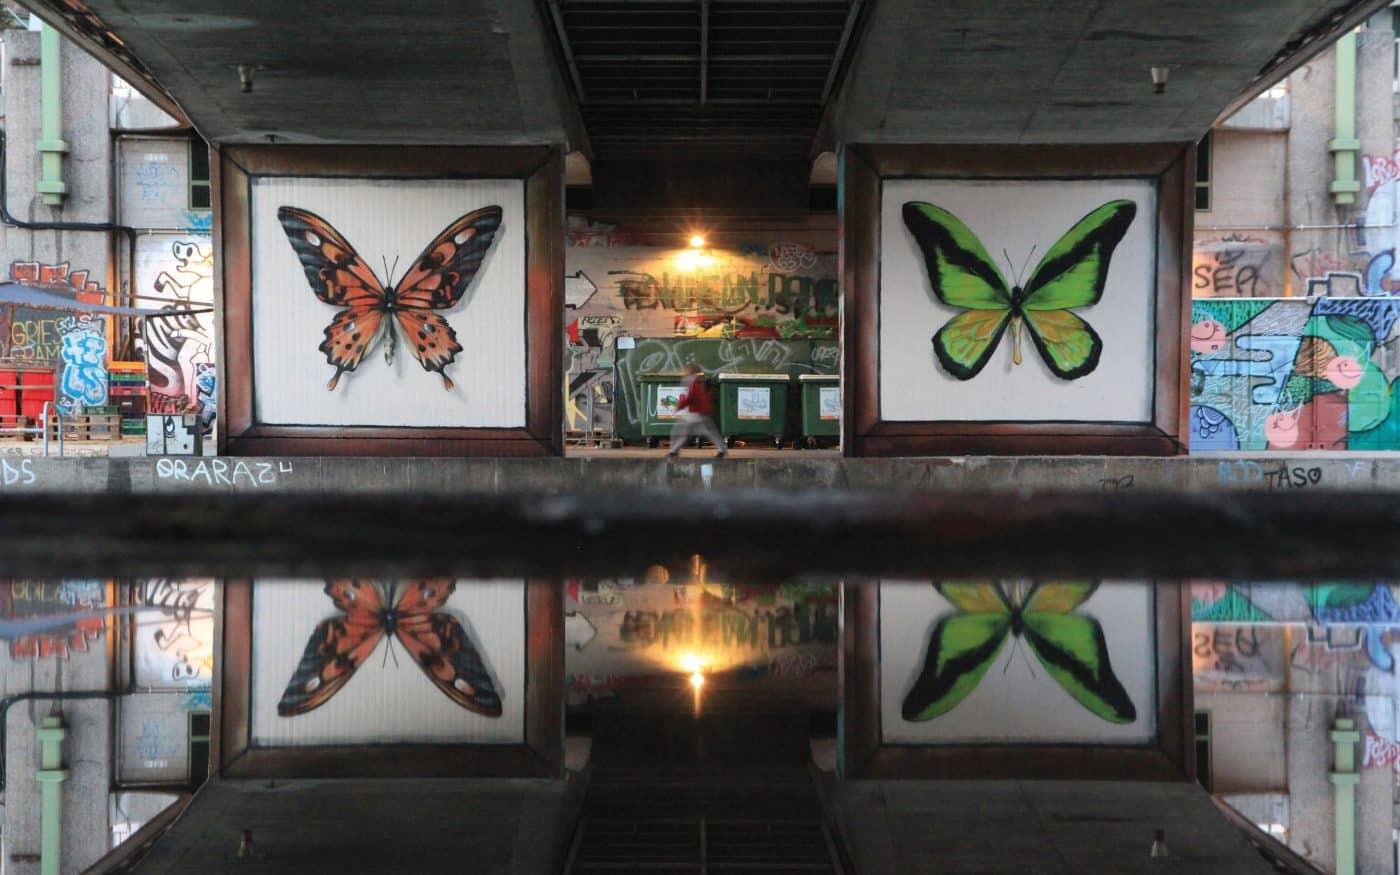 coleccion de mariposas mantra artista